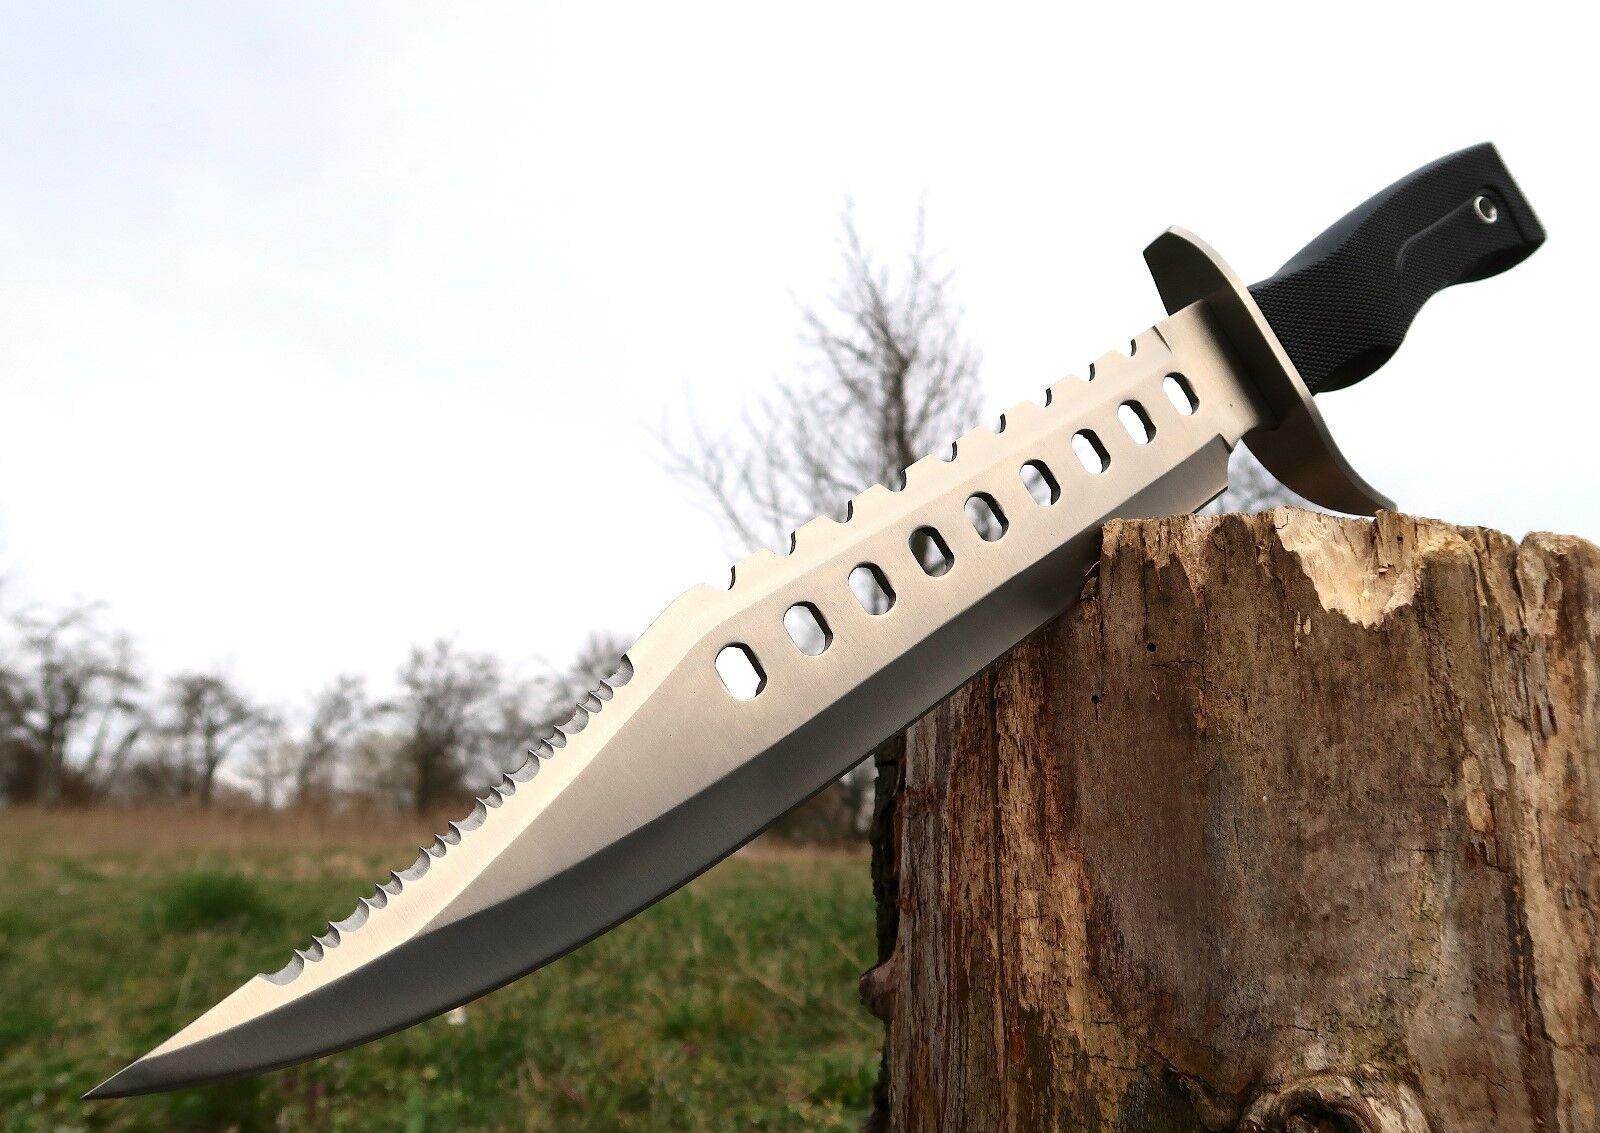 XXL Riesen Jagdmesser 44 cm Messer Knife Buschmesser Machete Coltello Cutit J107